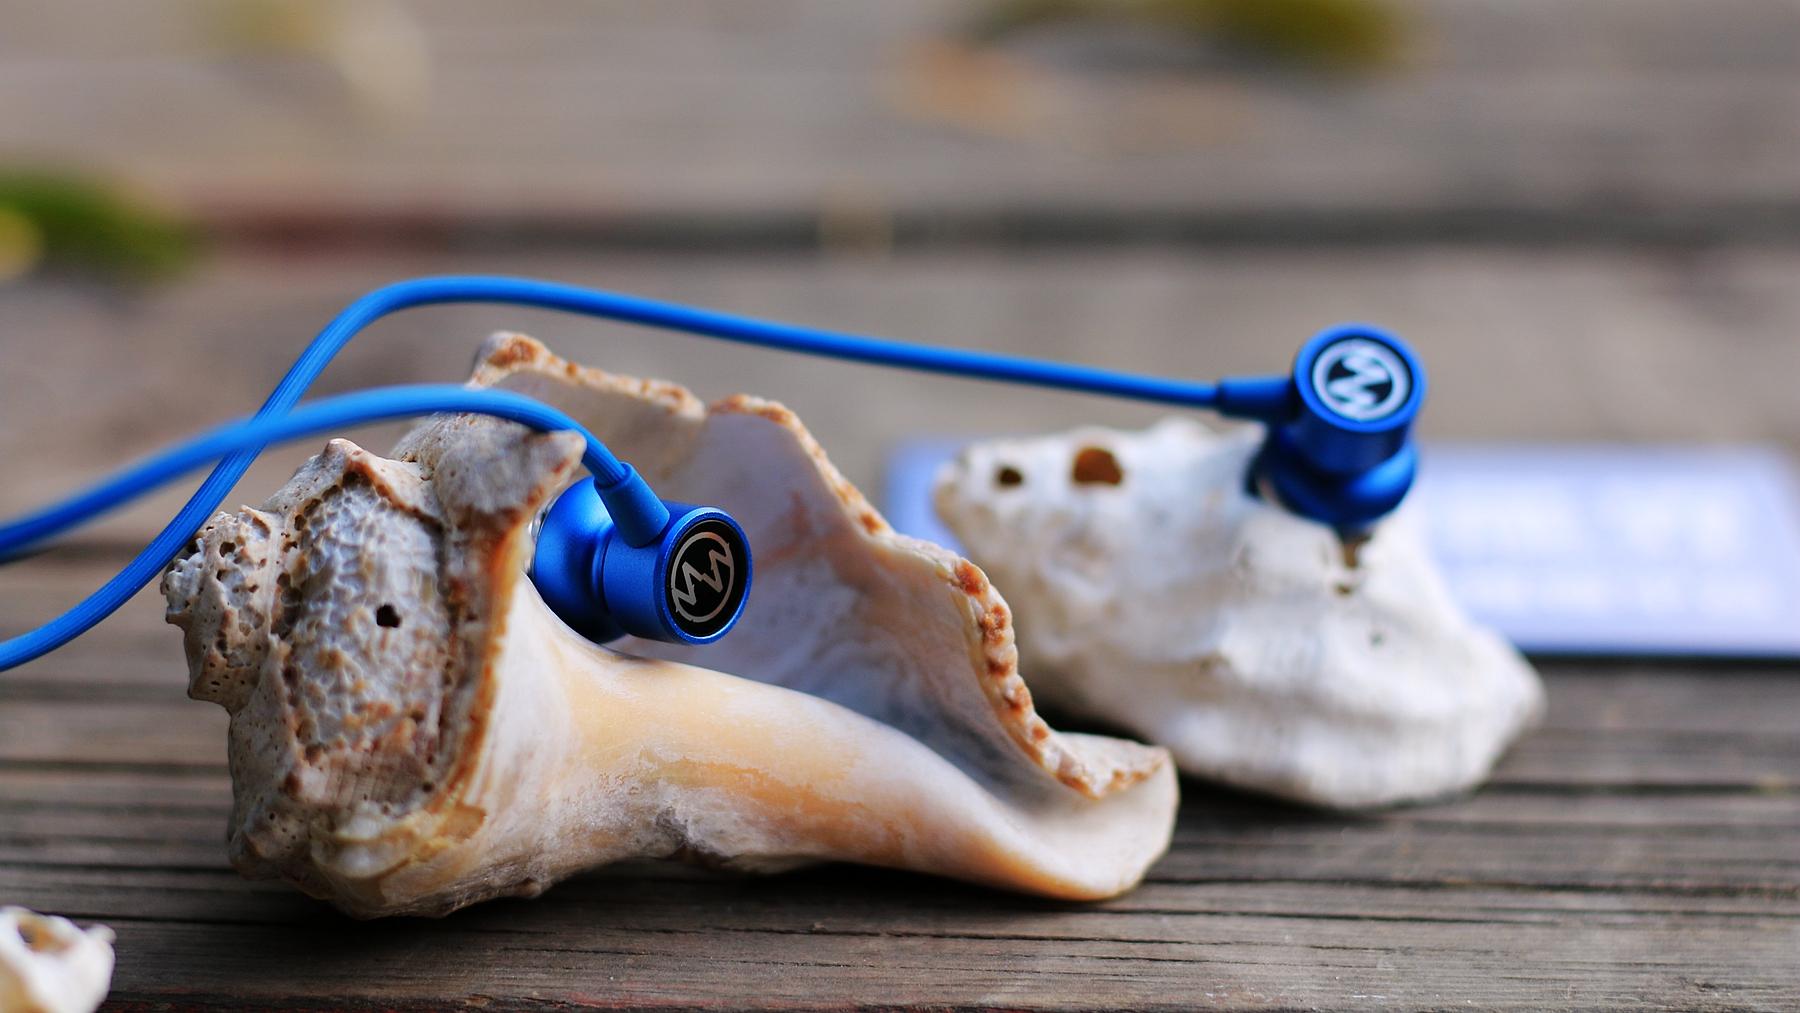 作有腔调的耳机——脉歌 macaw TX-60 无线蓝牙运动耳机评测